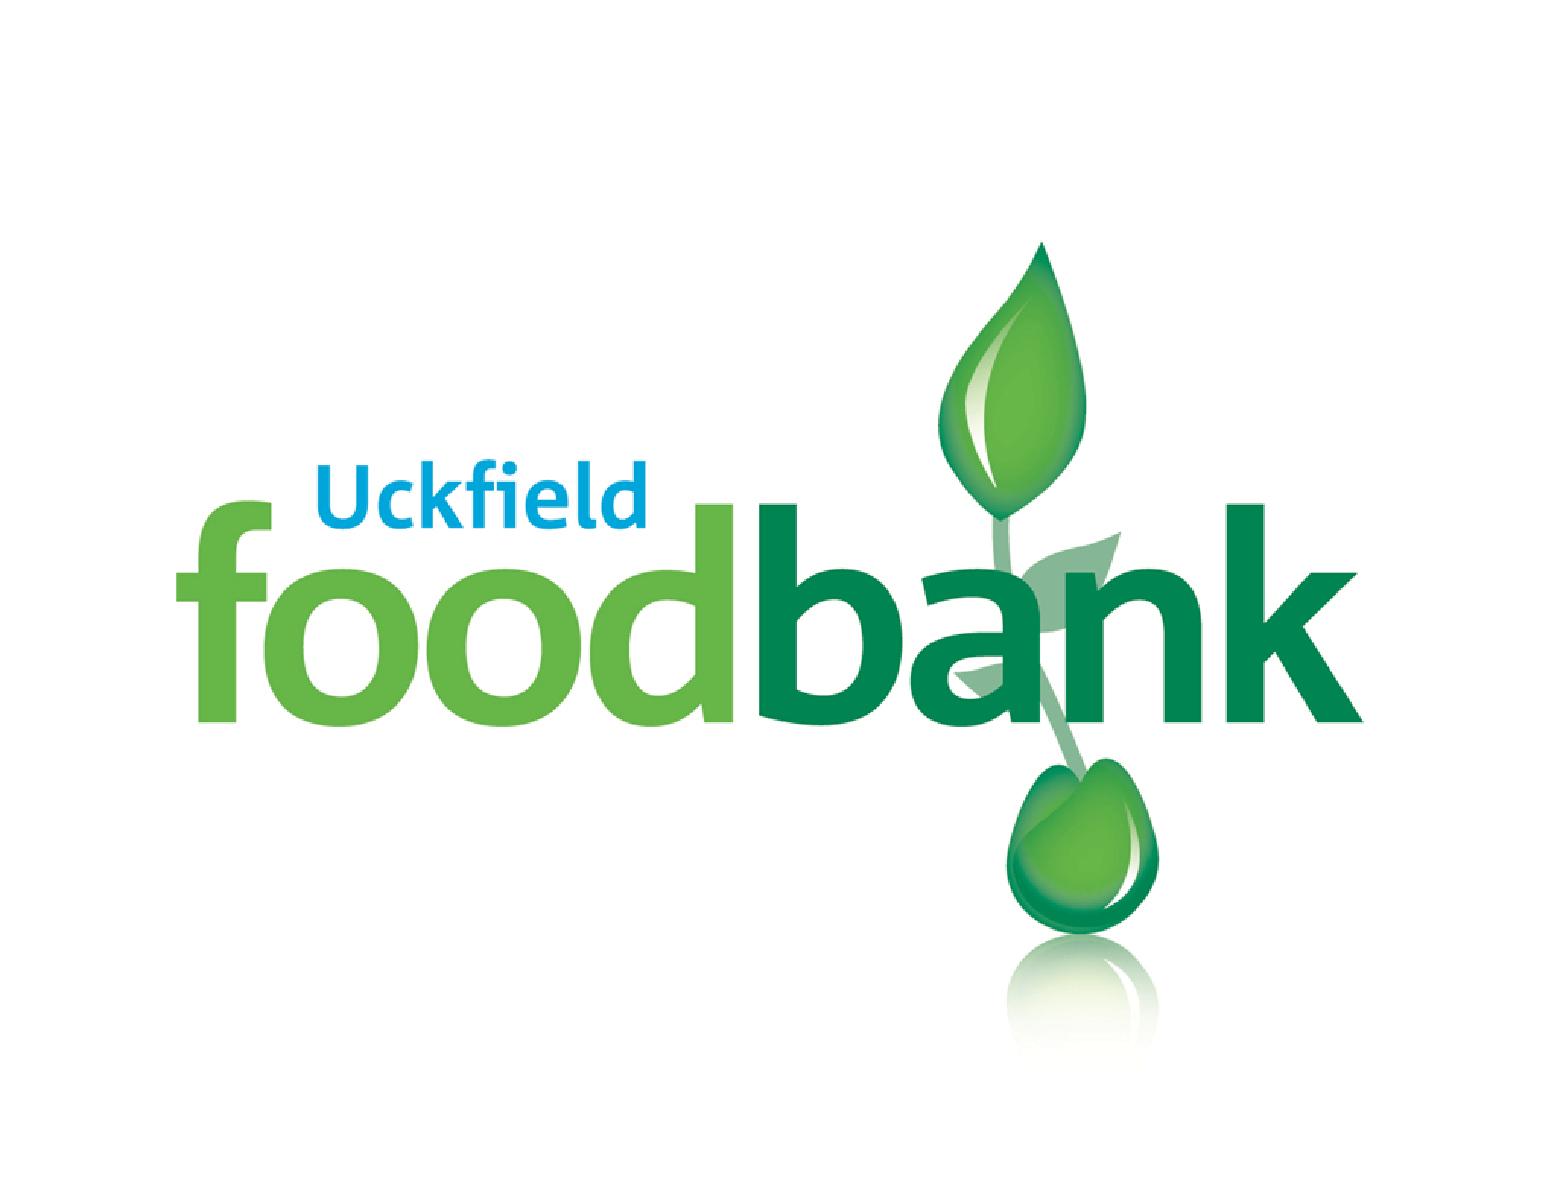 Uckfield Foodbank logo